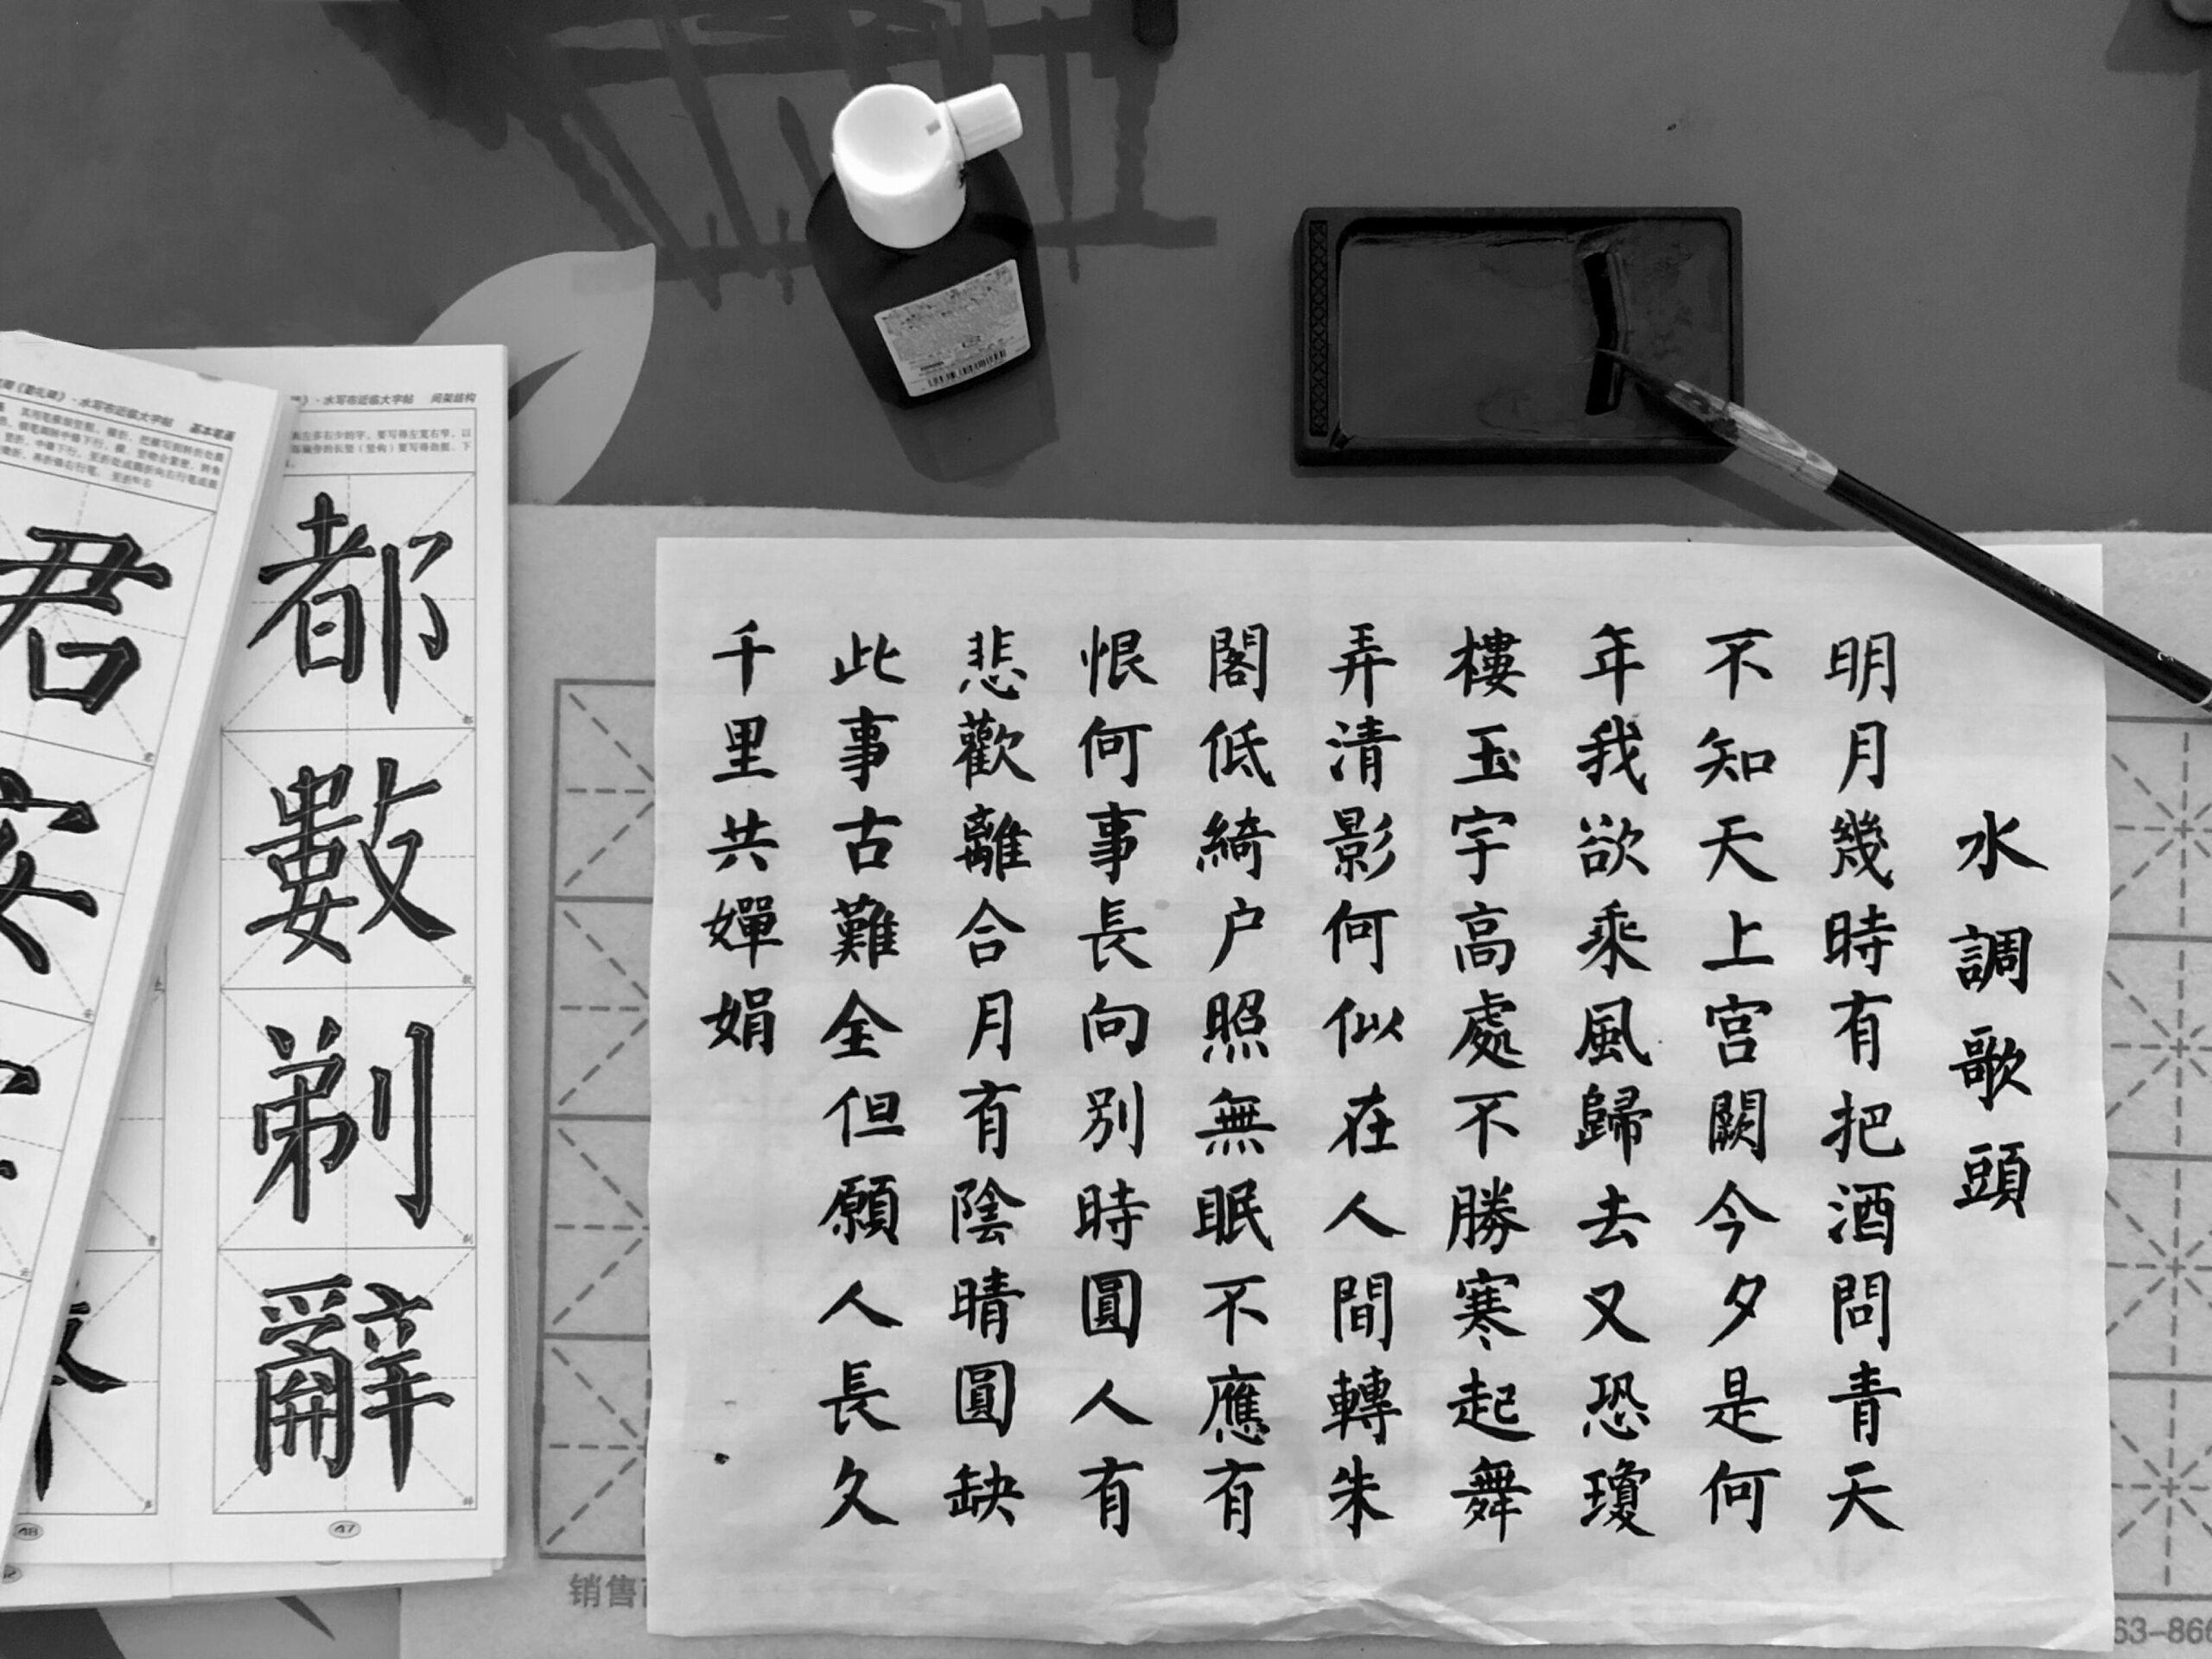 5 סיבות לילד שלכם ללמוד סינית כבר עכשיו